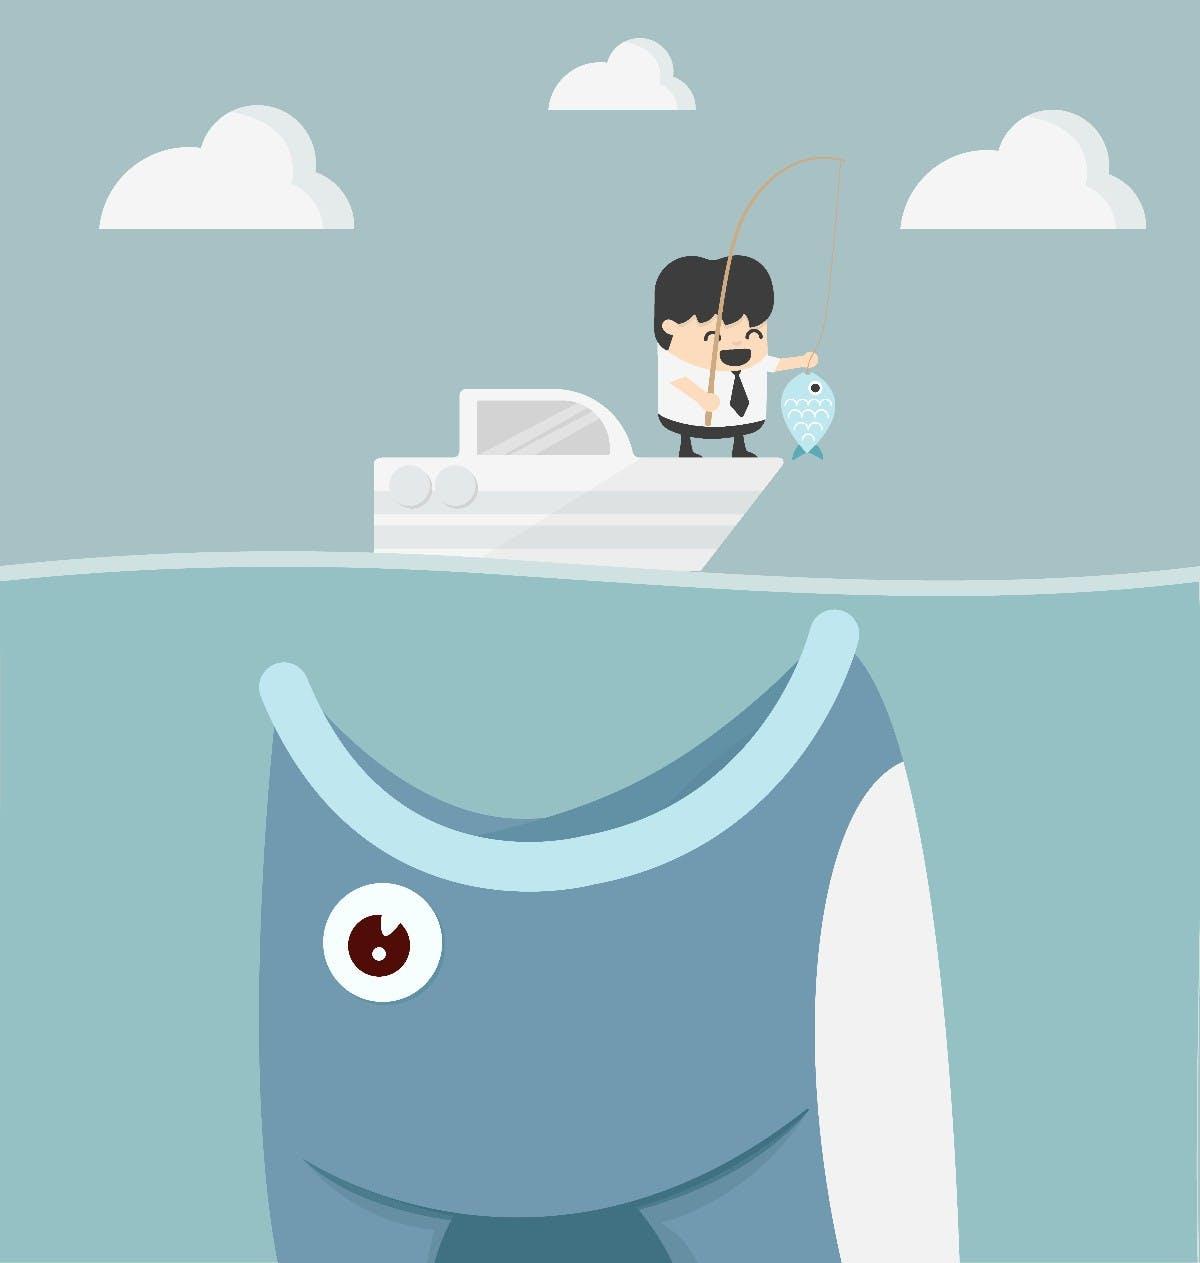 Das Prinzip Acqui-Hire: Wer ein Startup schluckt, verleibt sich auch die Mitarbeiter ein. (Grafik: Shutterstock)